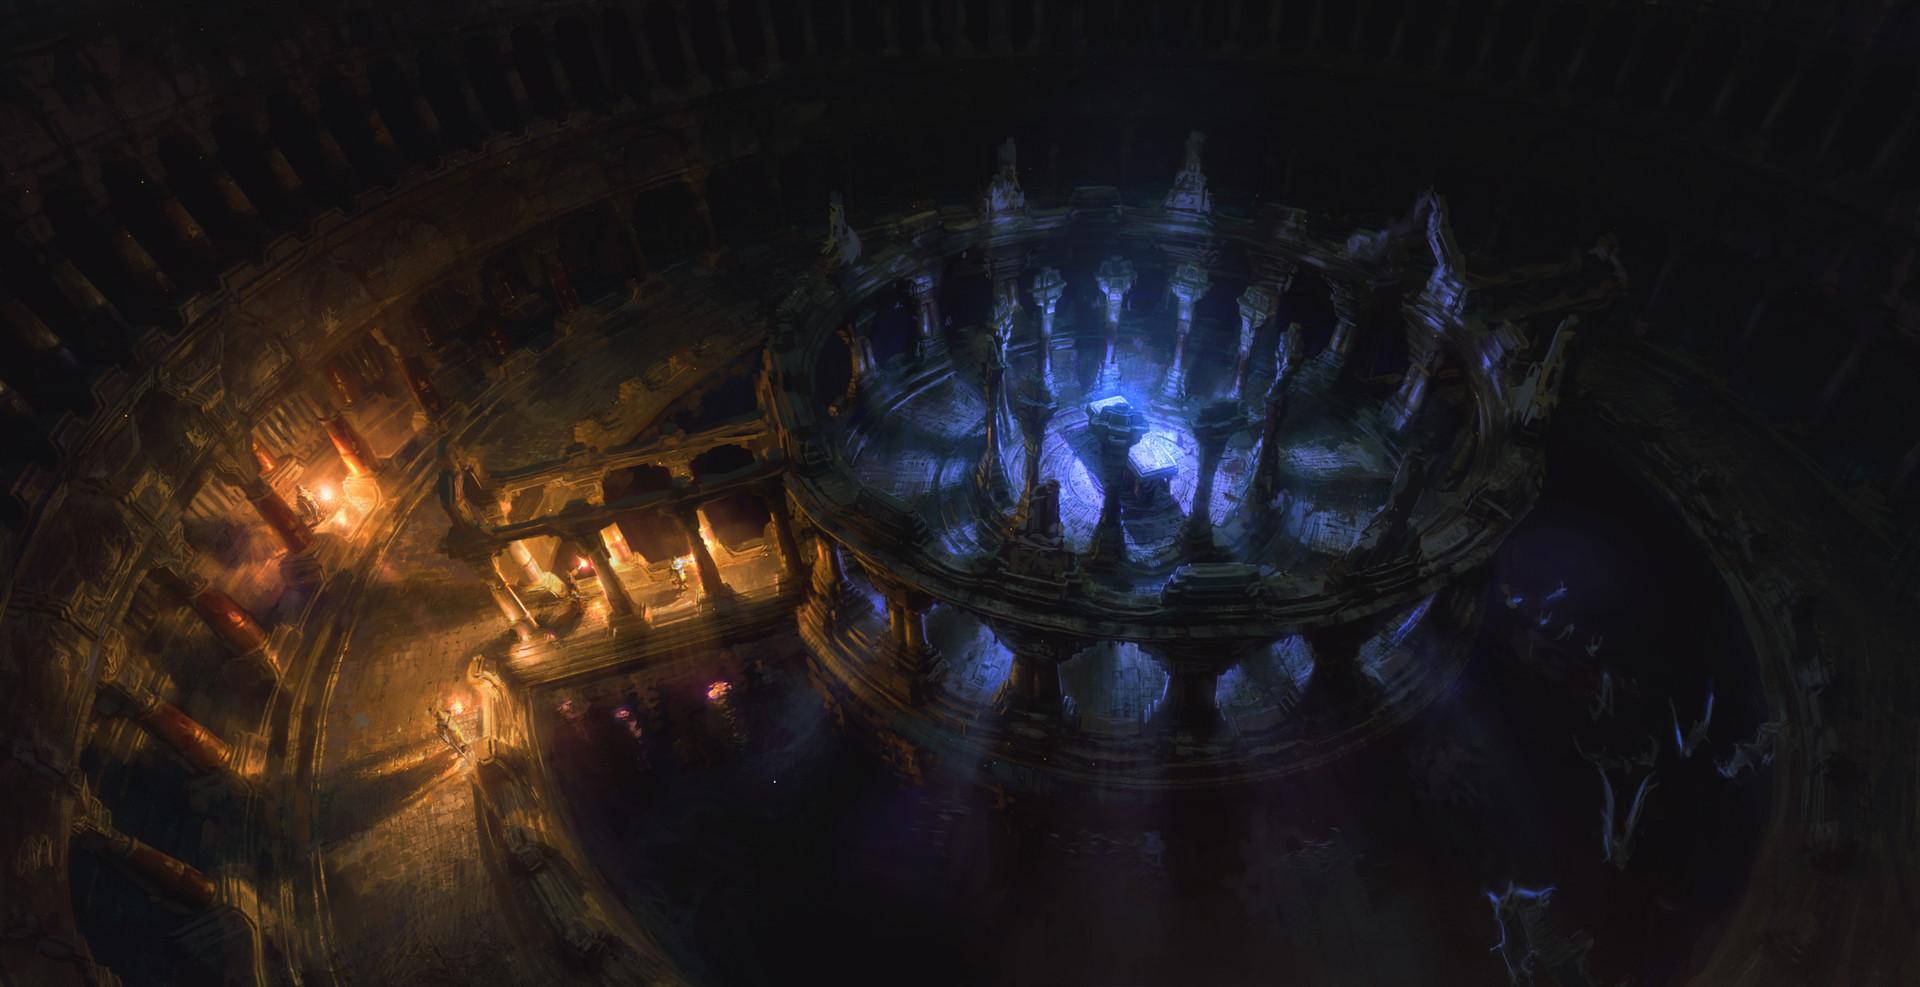 raphael-lubke-enviroment-dungeon-andras-room1.jpg